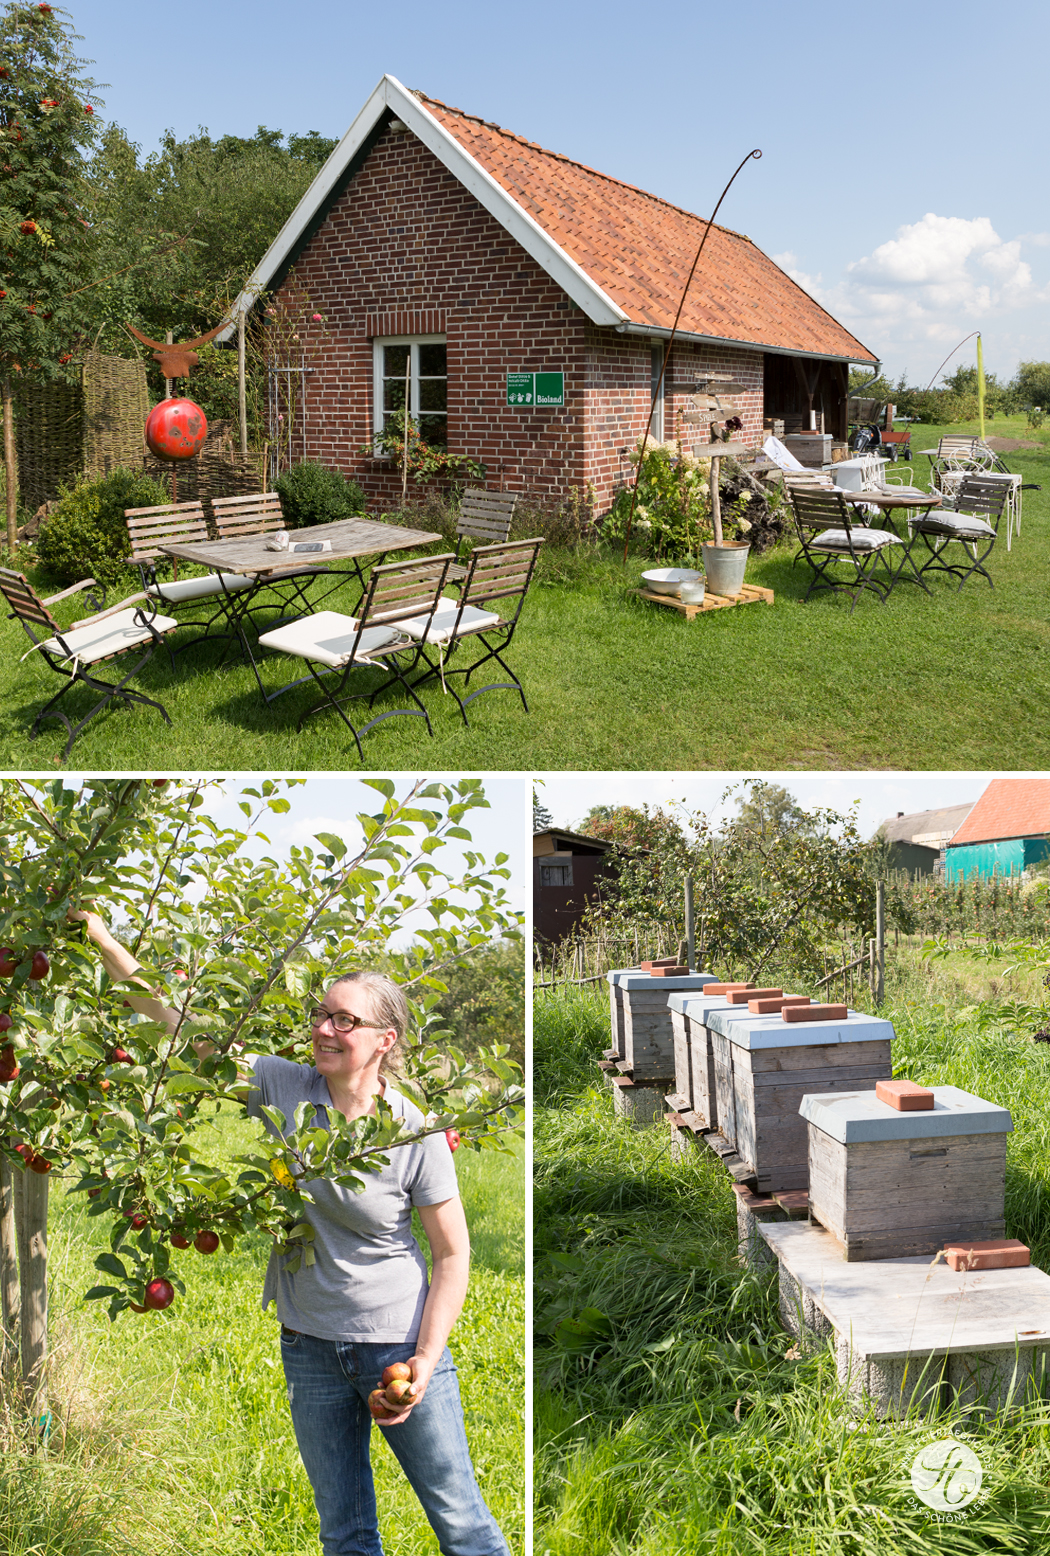 Blogevent-Apfelbaeckchen_BiohofOttilie1